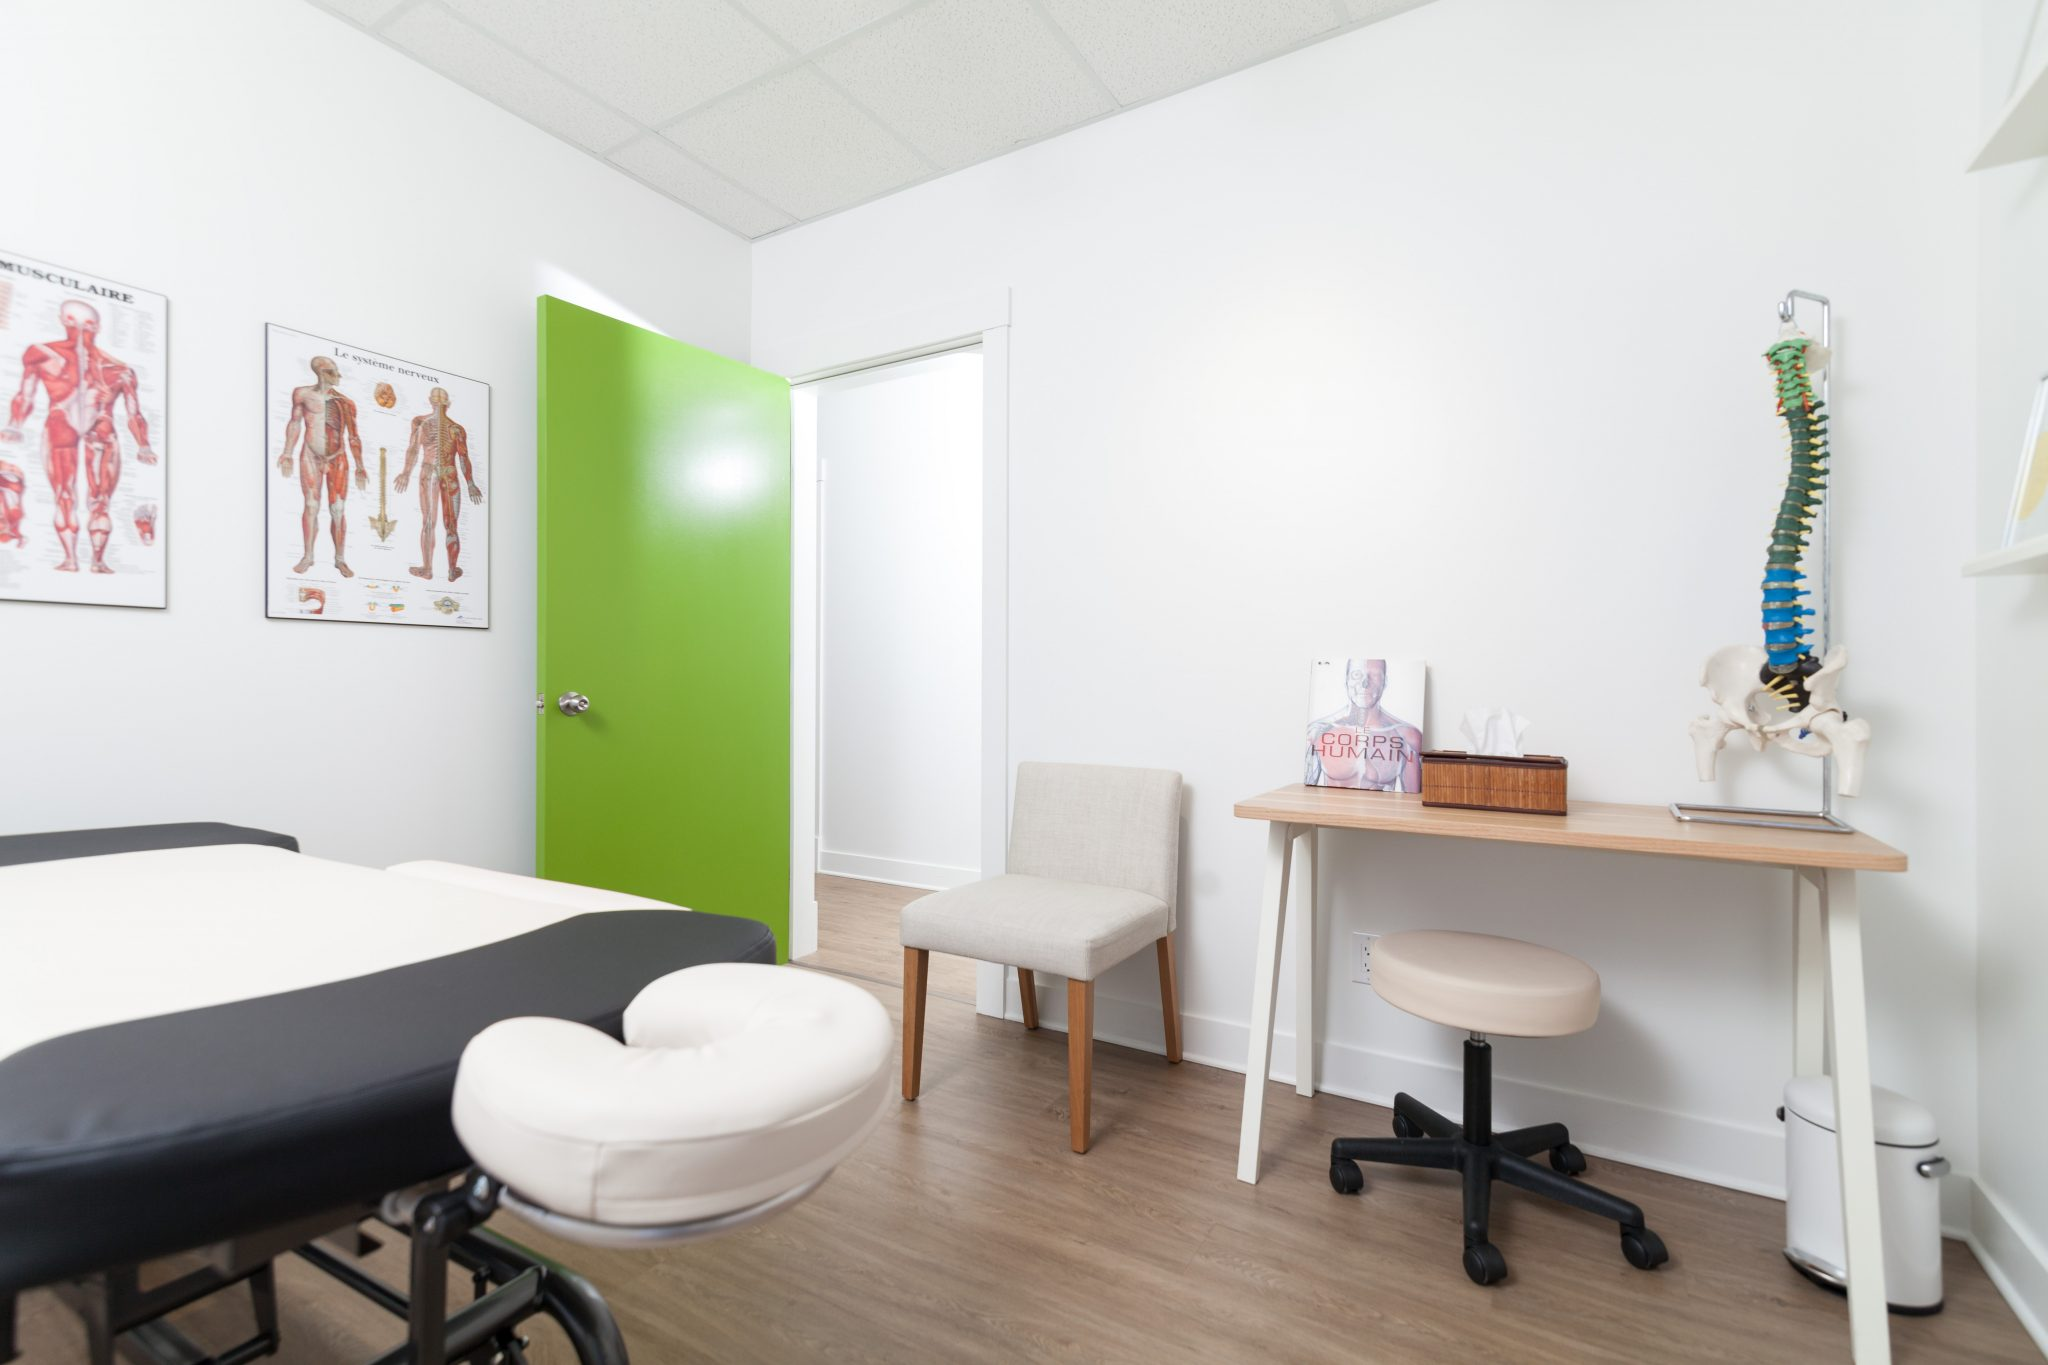 salle de traitement 4 -1 clinique kiné santé